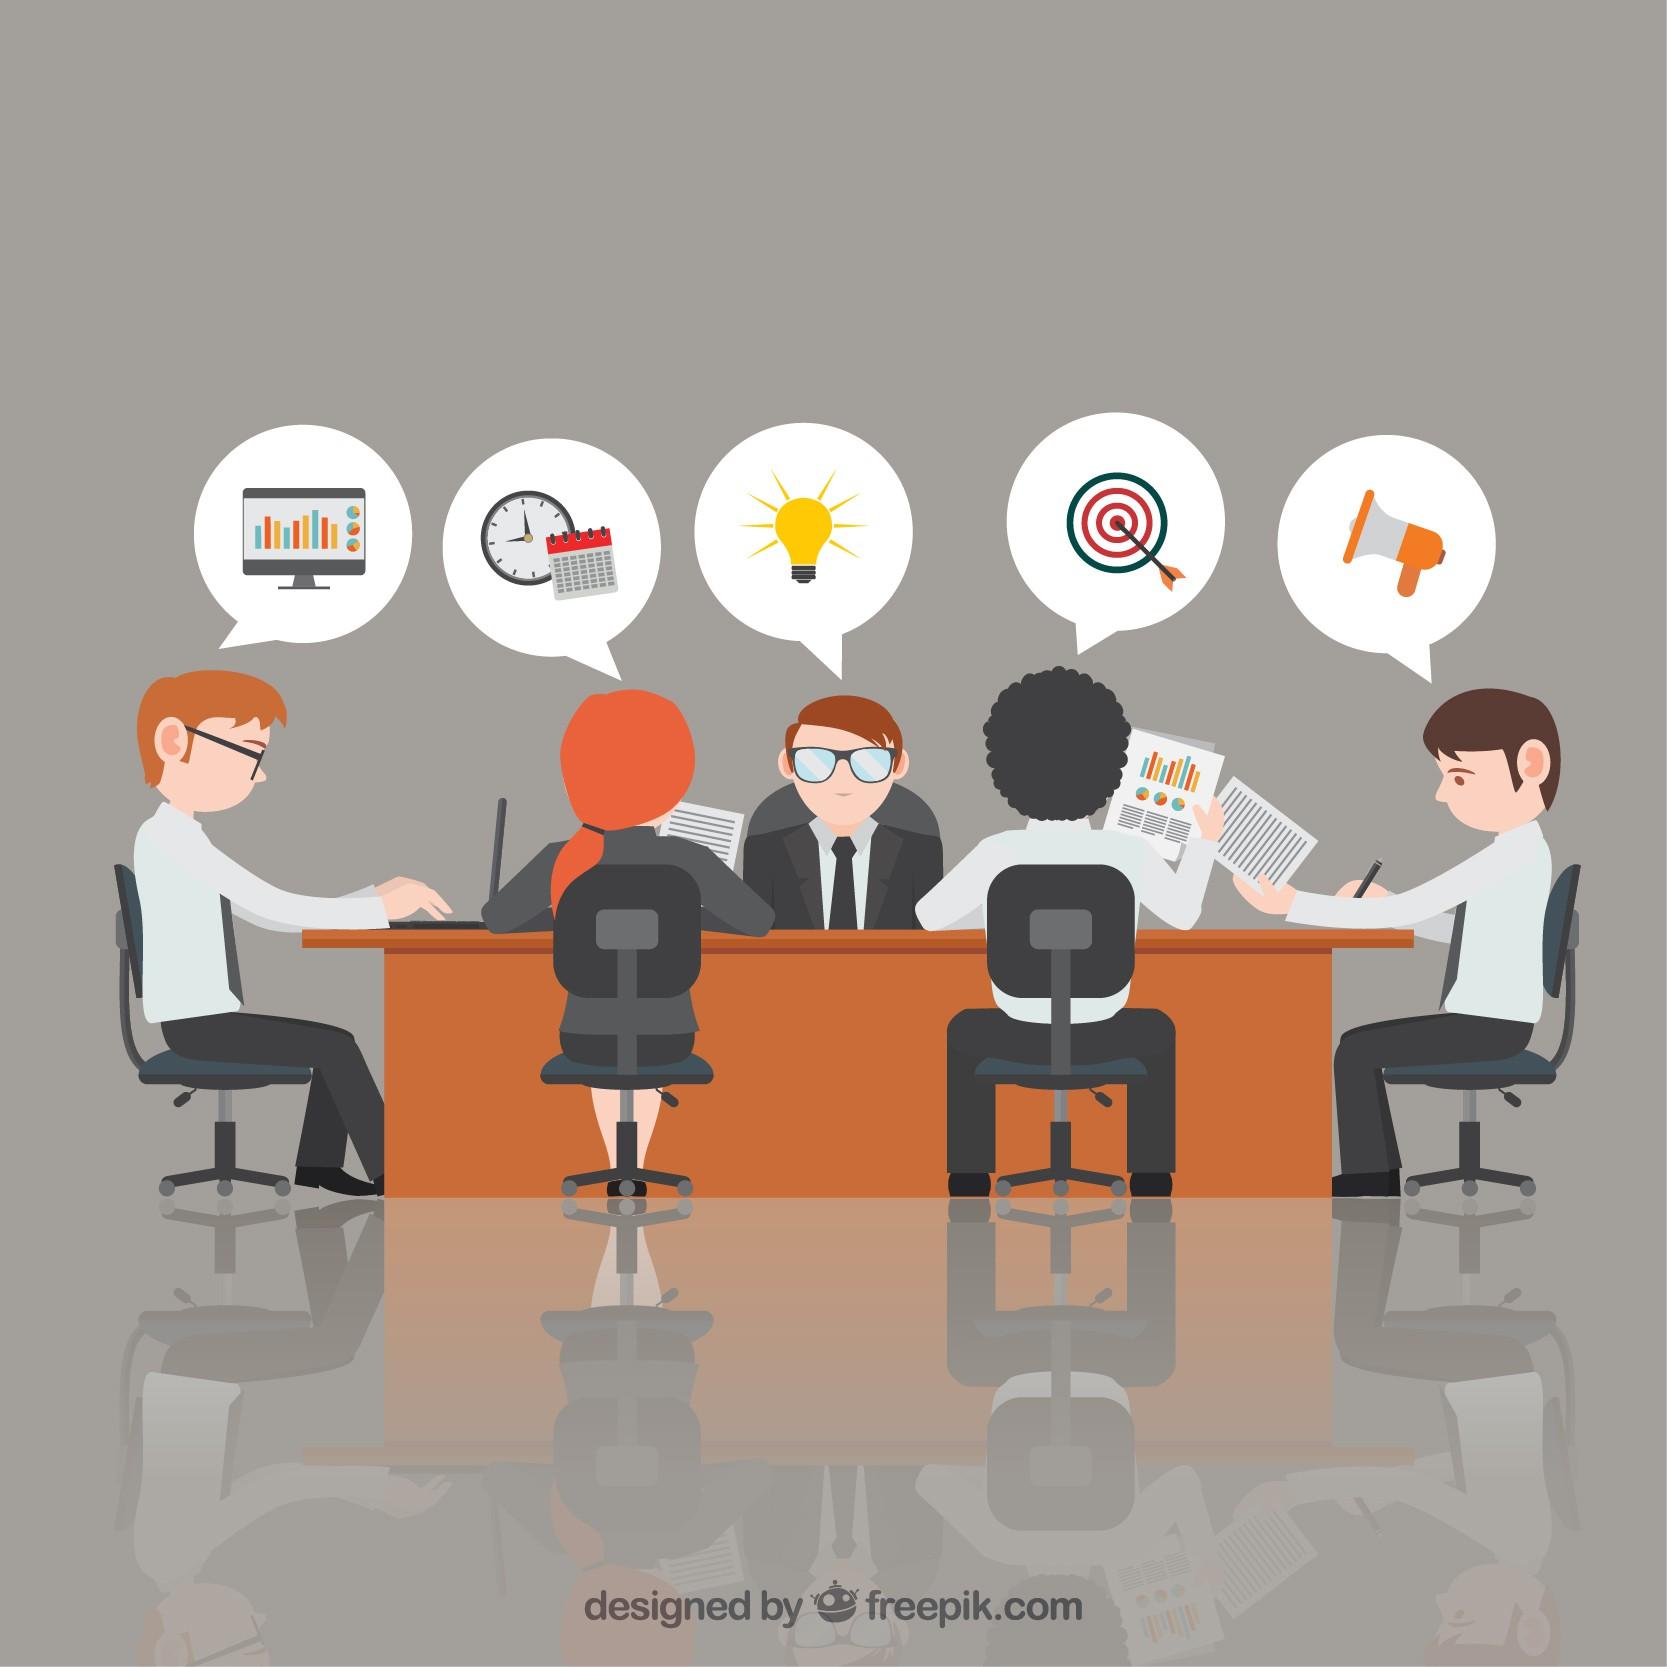 Rozmowa kwalifikacyjna – 8 najczęstszych kłamstw rekruterów